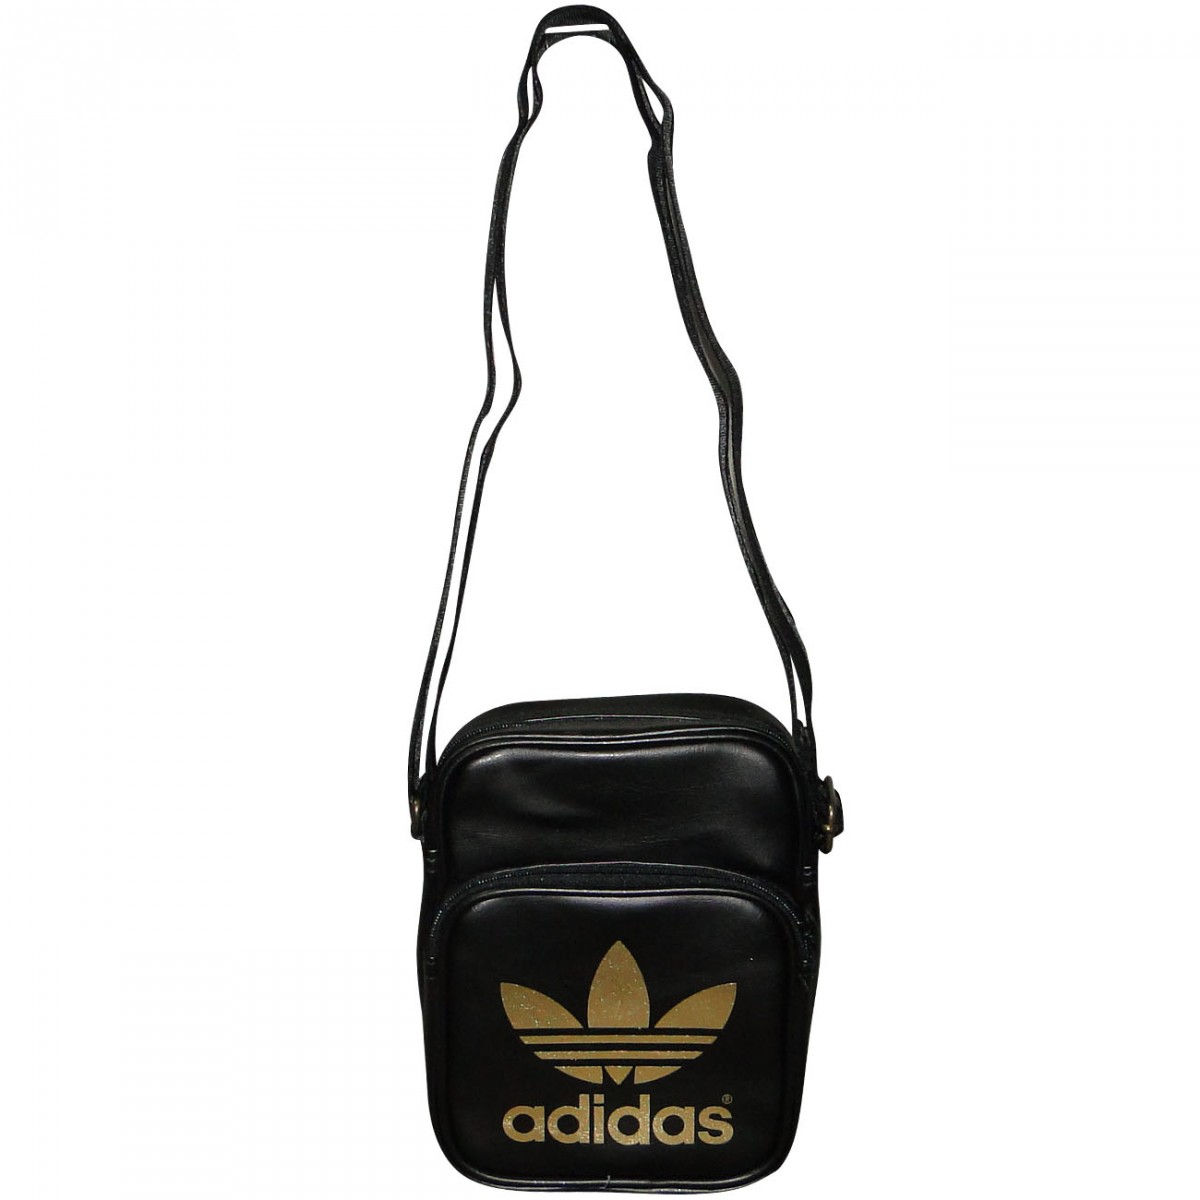 save off cheaper really comfortable Bolsa Adidas Mini Bag